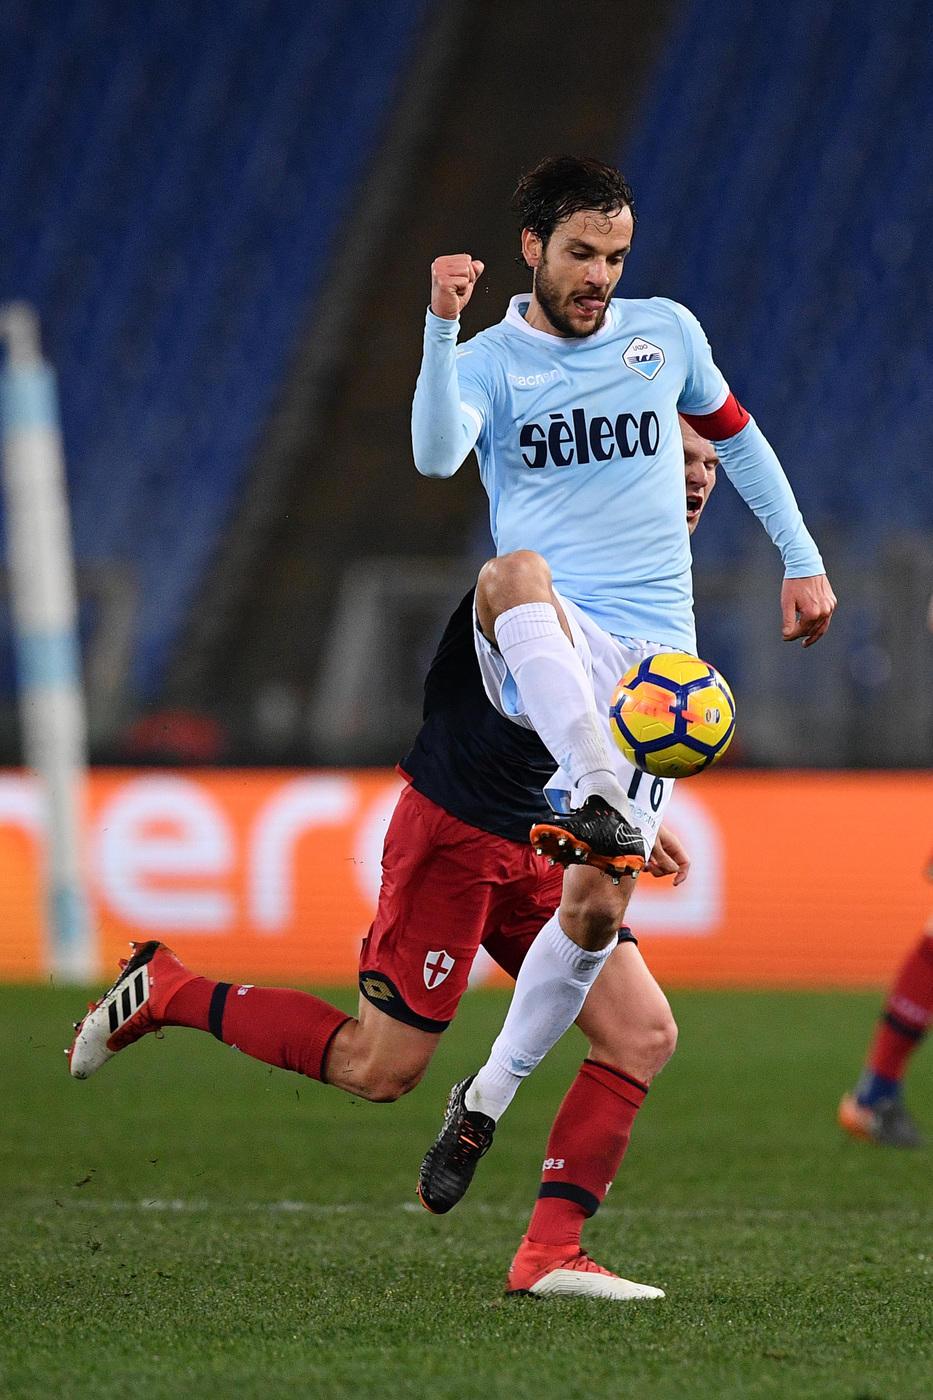 Serie A: Lazio-Genoa 1-2, le foto del match